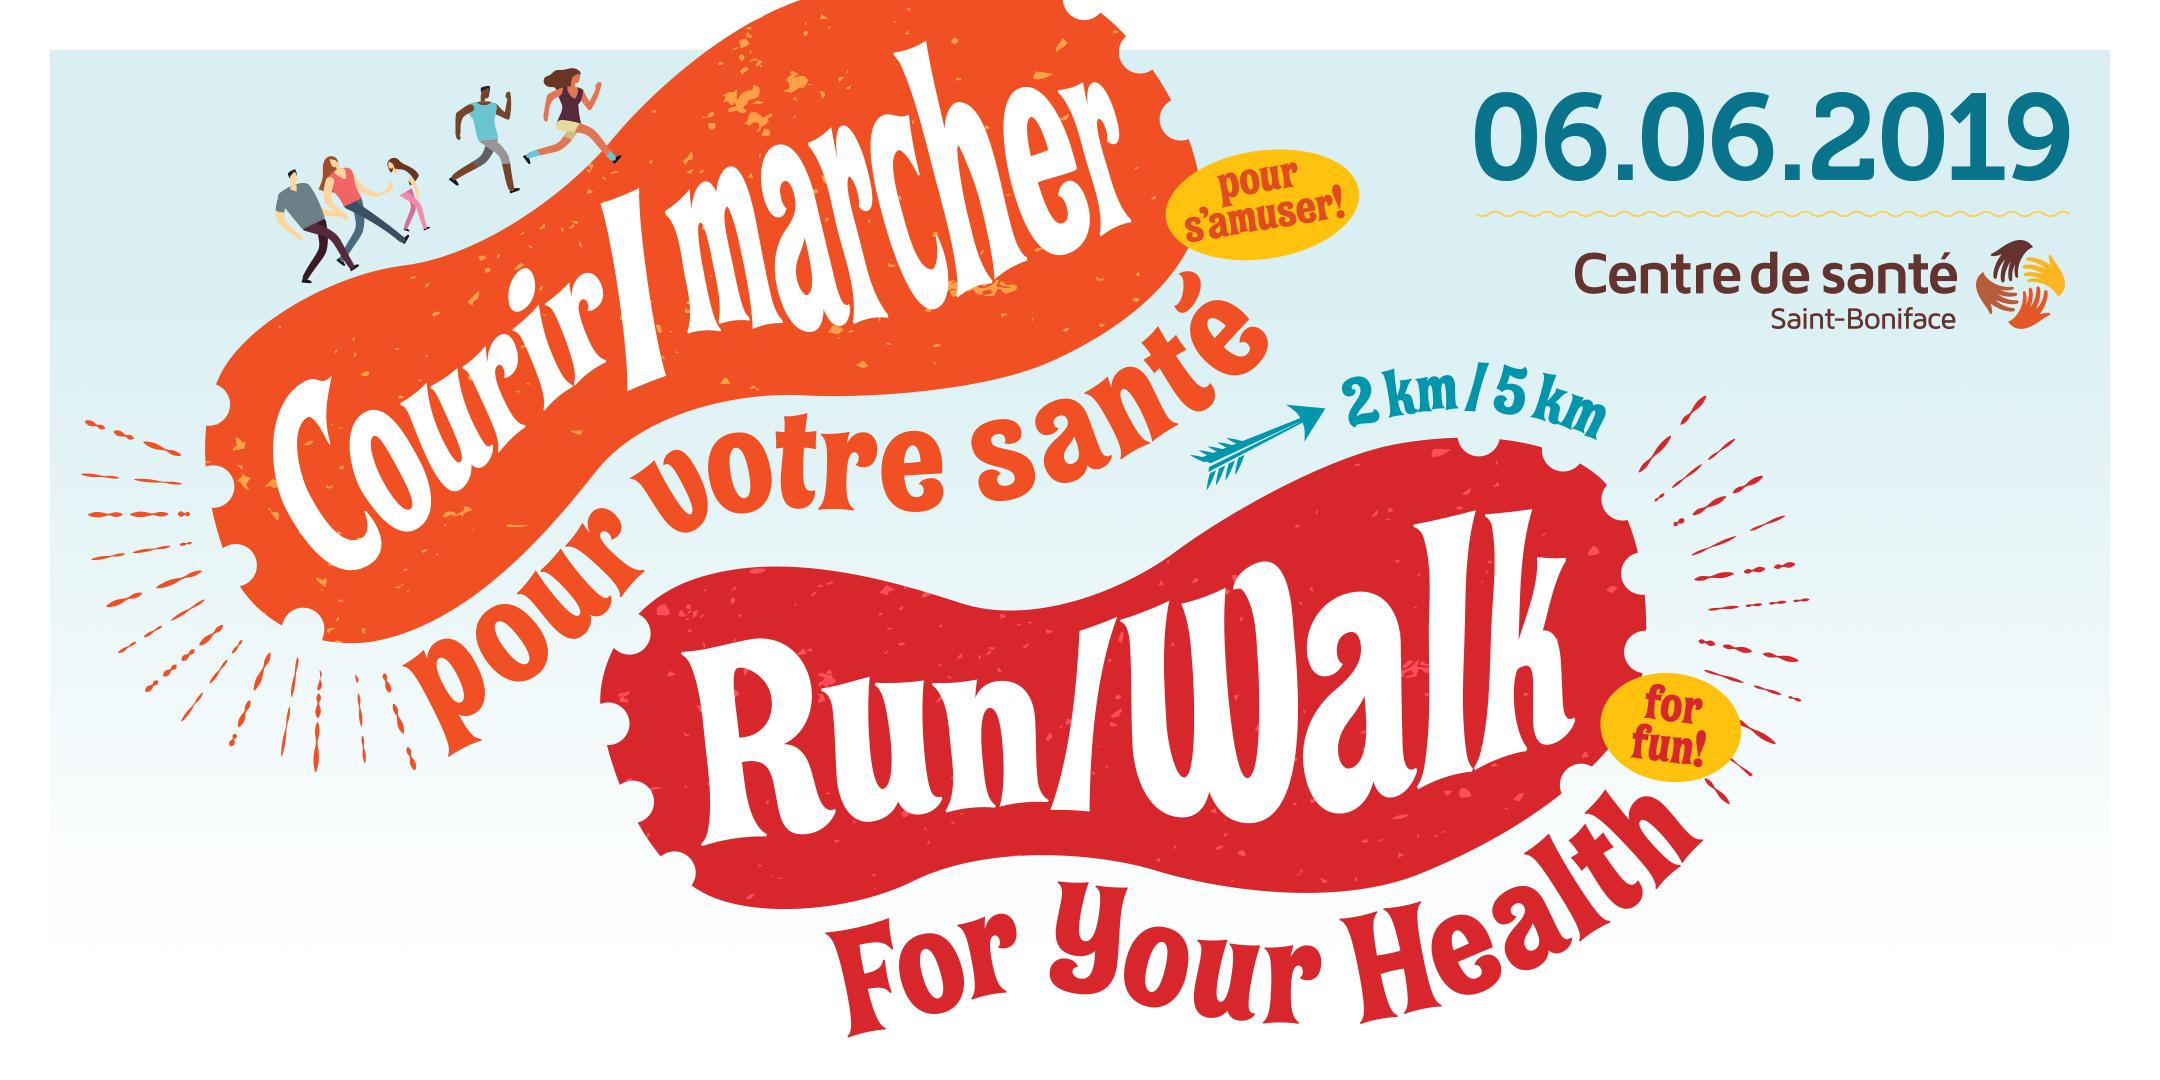 Courir/Marcher pour Votre Sante; Run/Walk for Your Health